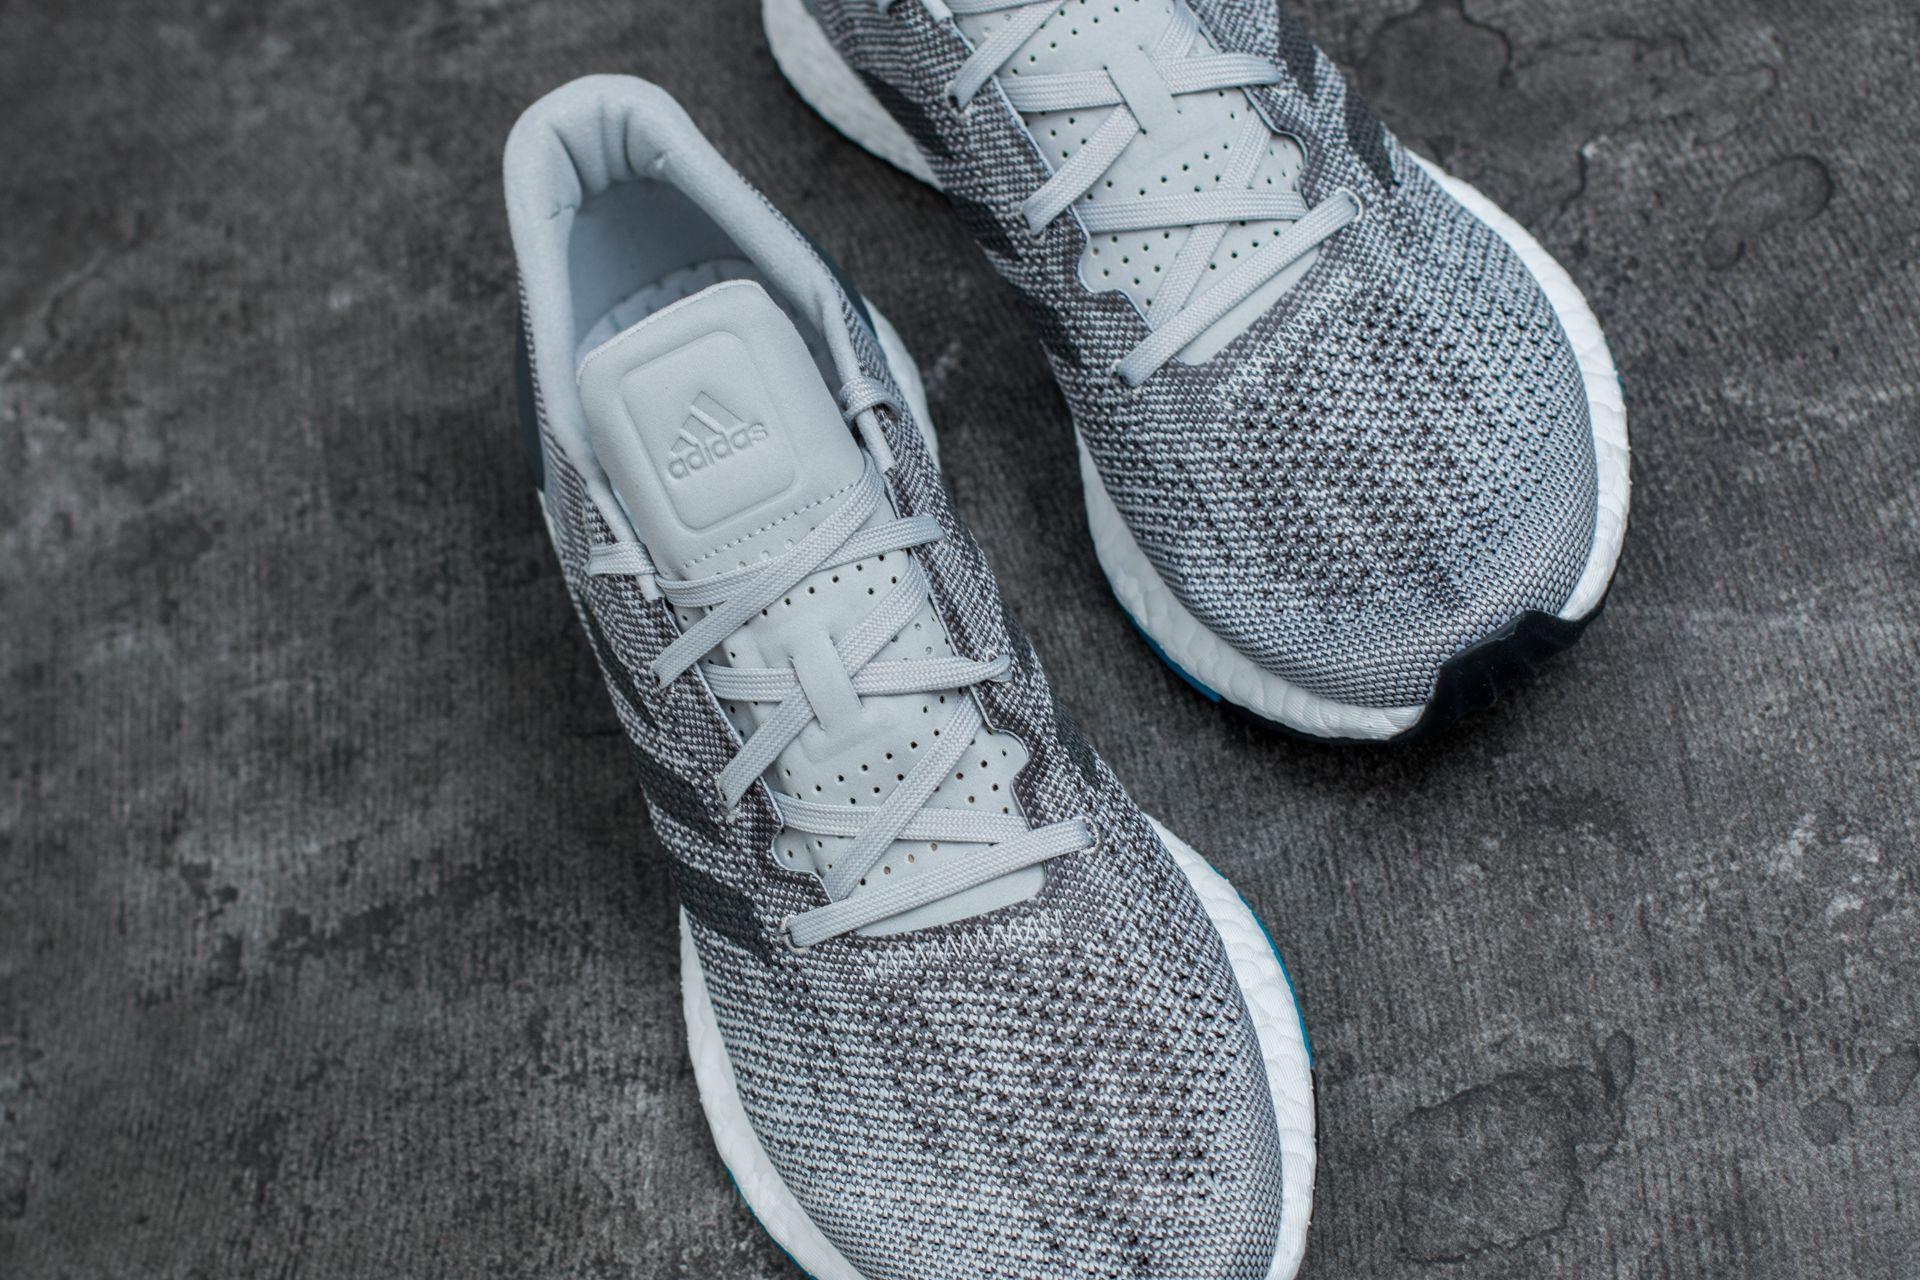 Lyst Footshop Adidas Pureboost Dpr N. 5 / Dgh Solido Grigio Grigio / Grigio